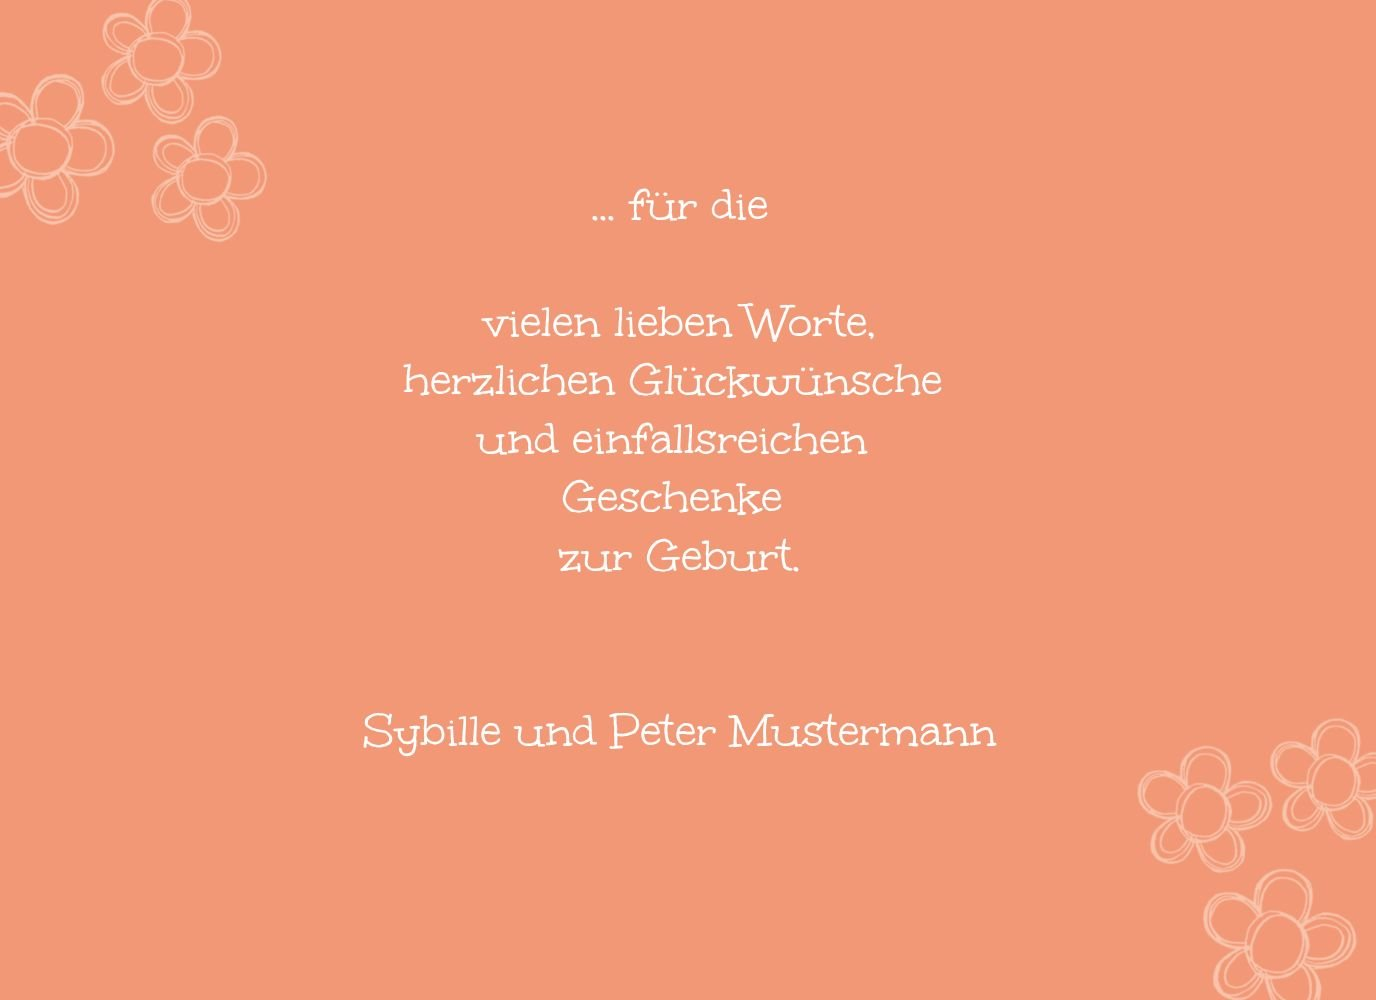 Kartenparadies Kartenparadies Kartenparadies Danksagung für Geburt Baby Dankeskarte Blüten, hochwertige Danksagungskarte Baby inklusive Umschläge   100 Karten - (Format  148x105 mm) Farbe  Hellbraun B01MTEZPQ2 | Preisreduktion  | Bestellung willkommen  | Wirtschaftlic 320b42